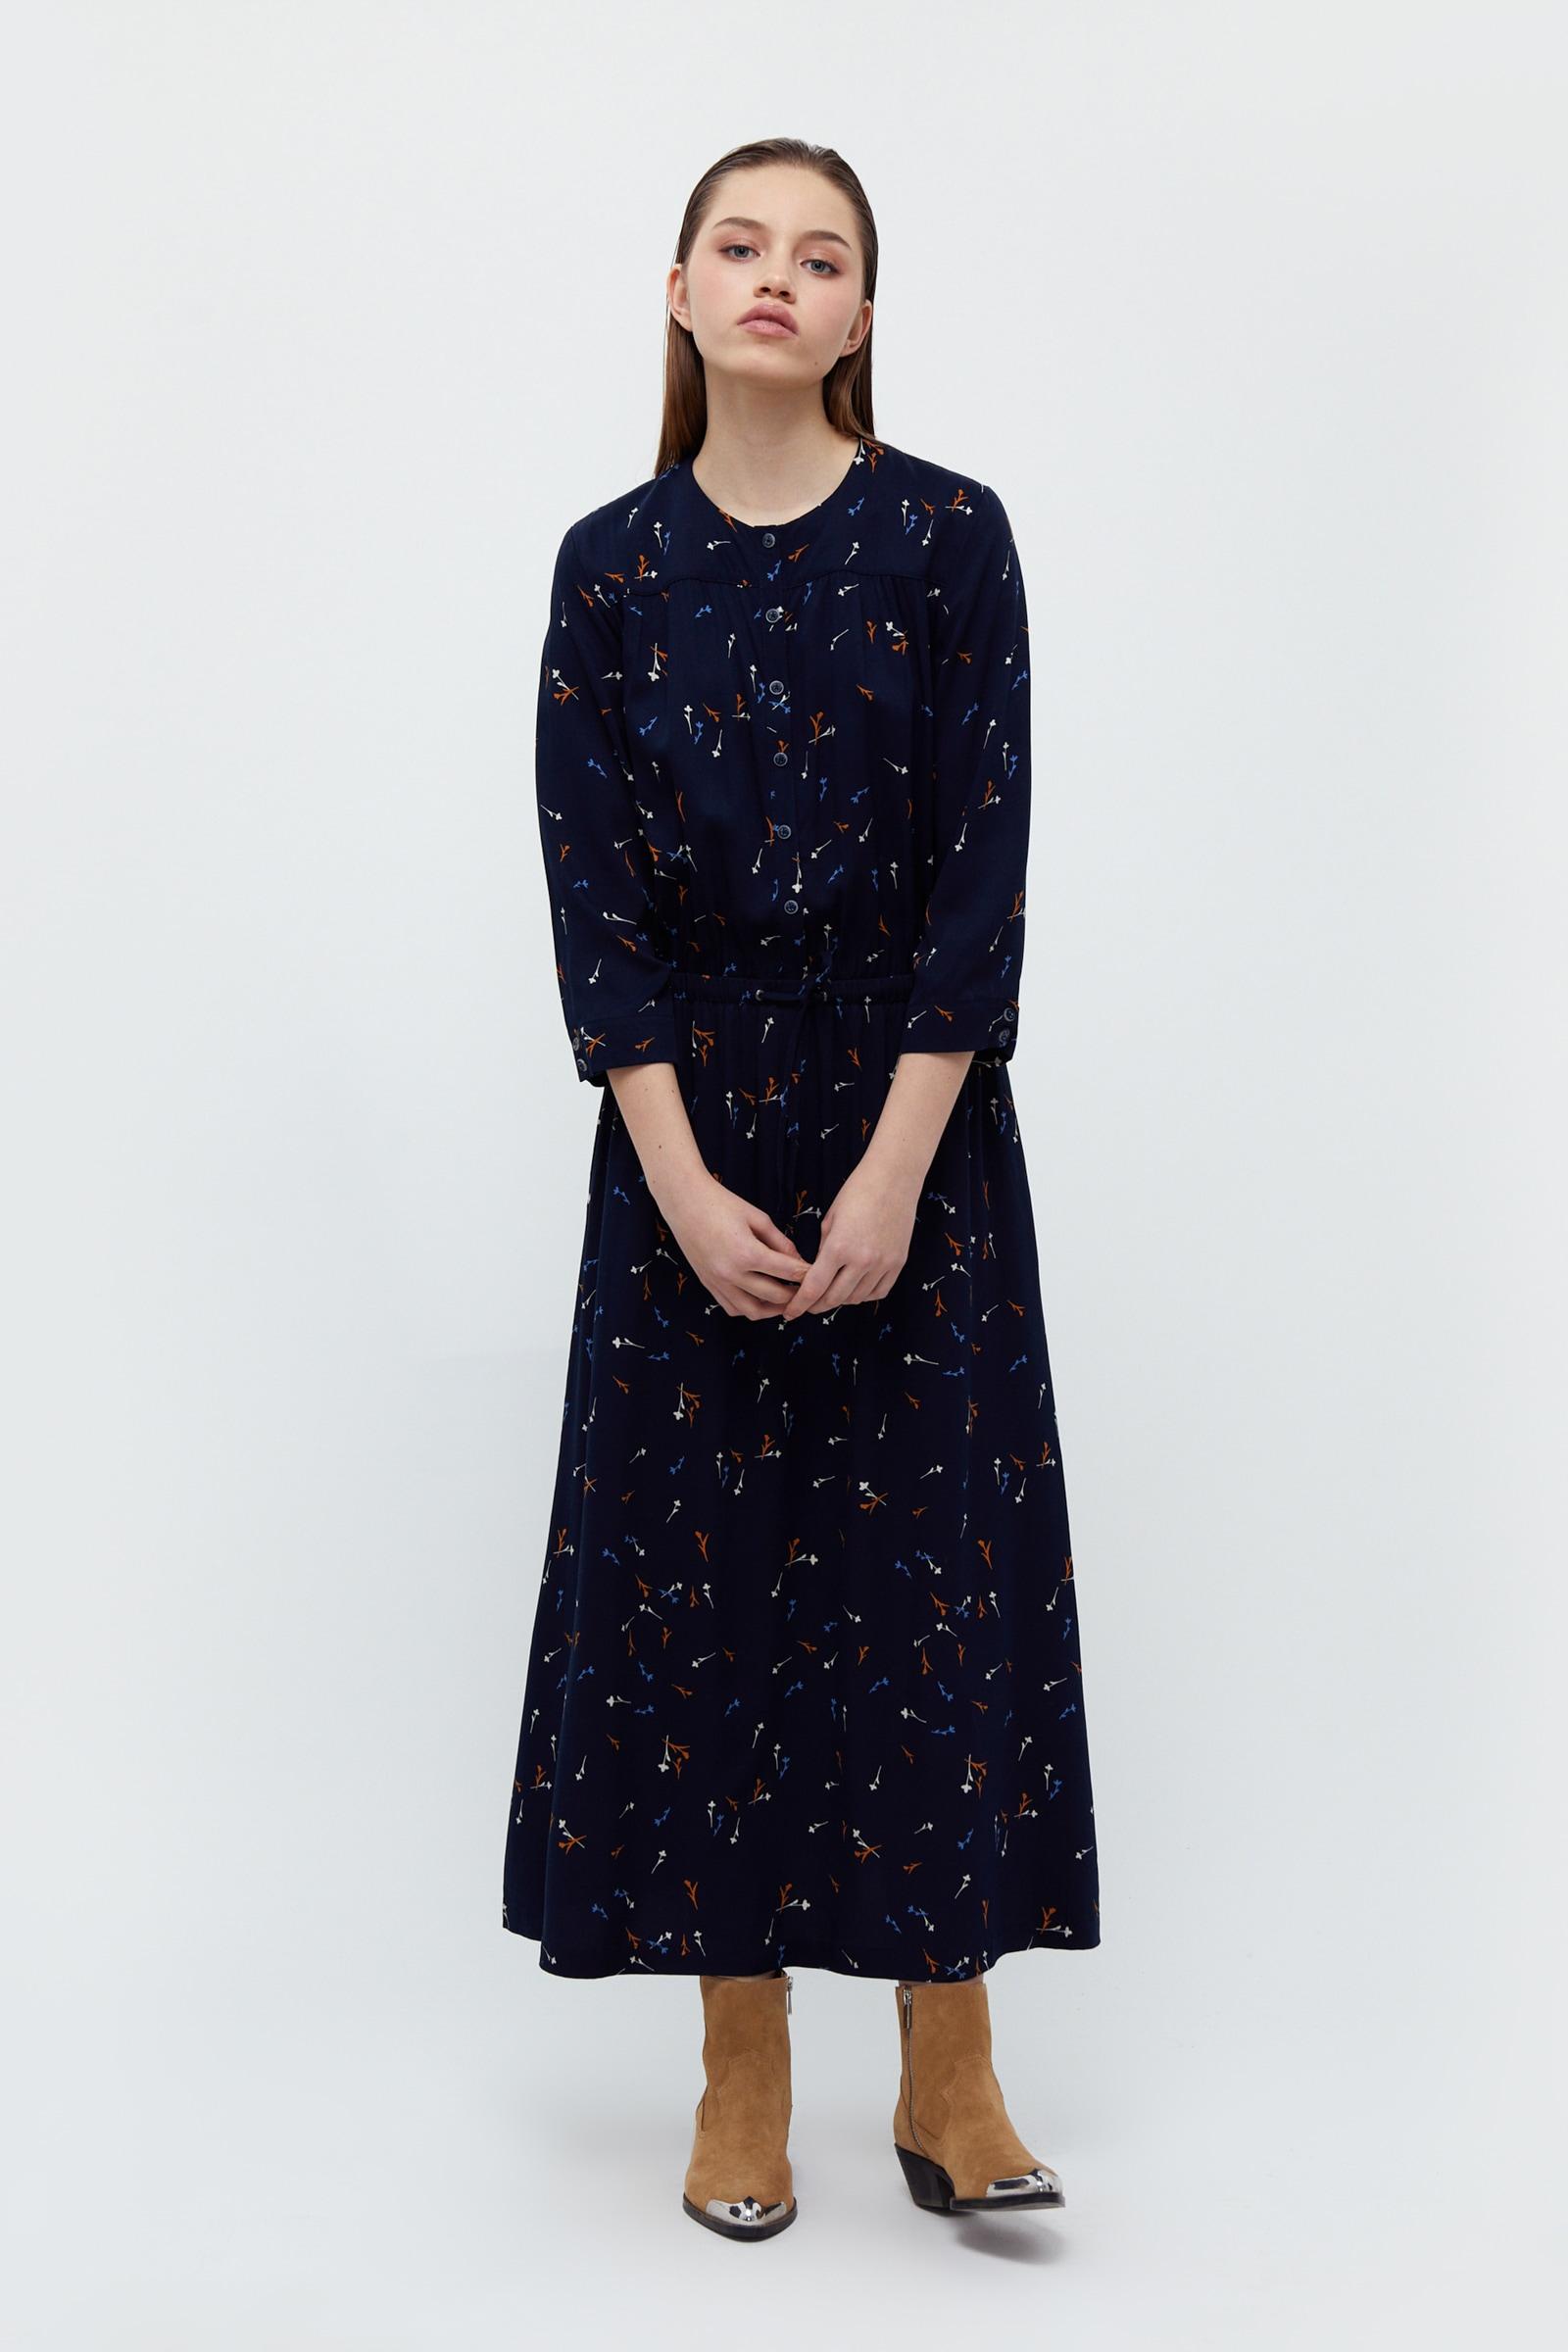 finn flare -  Jerseykleid, mit floralem Muster